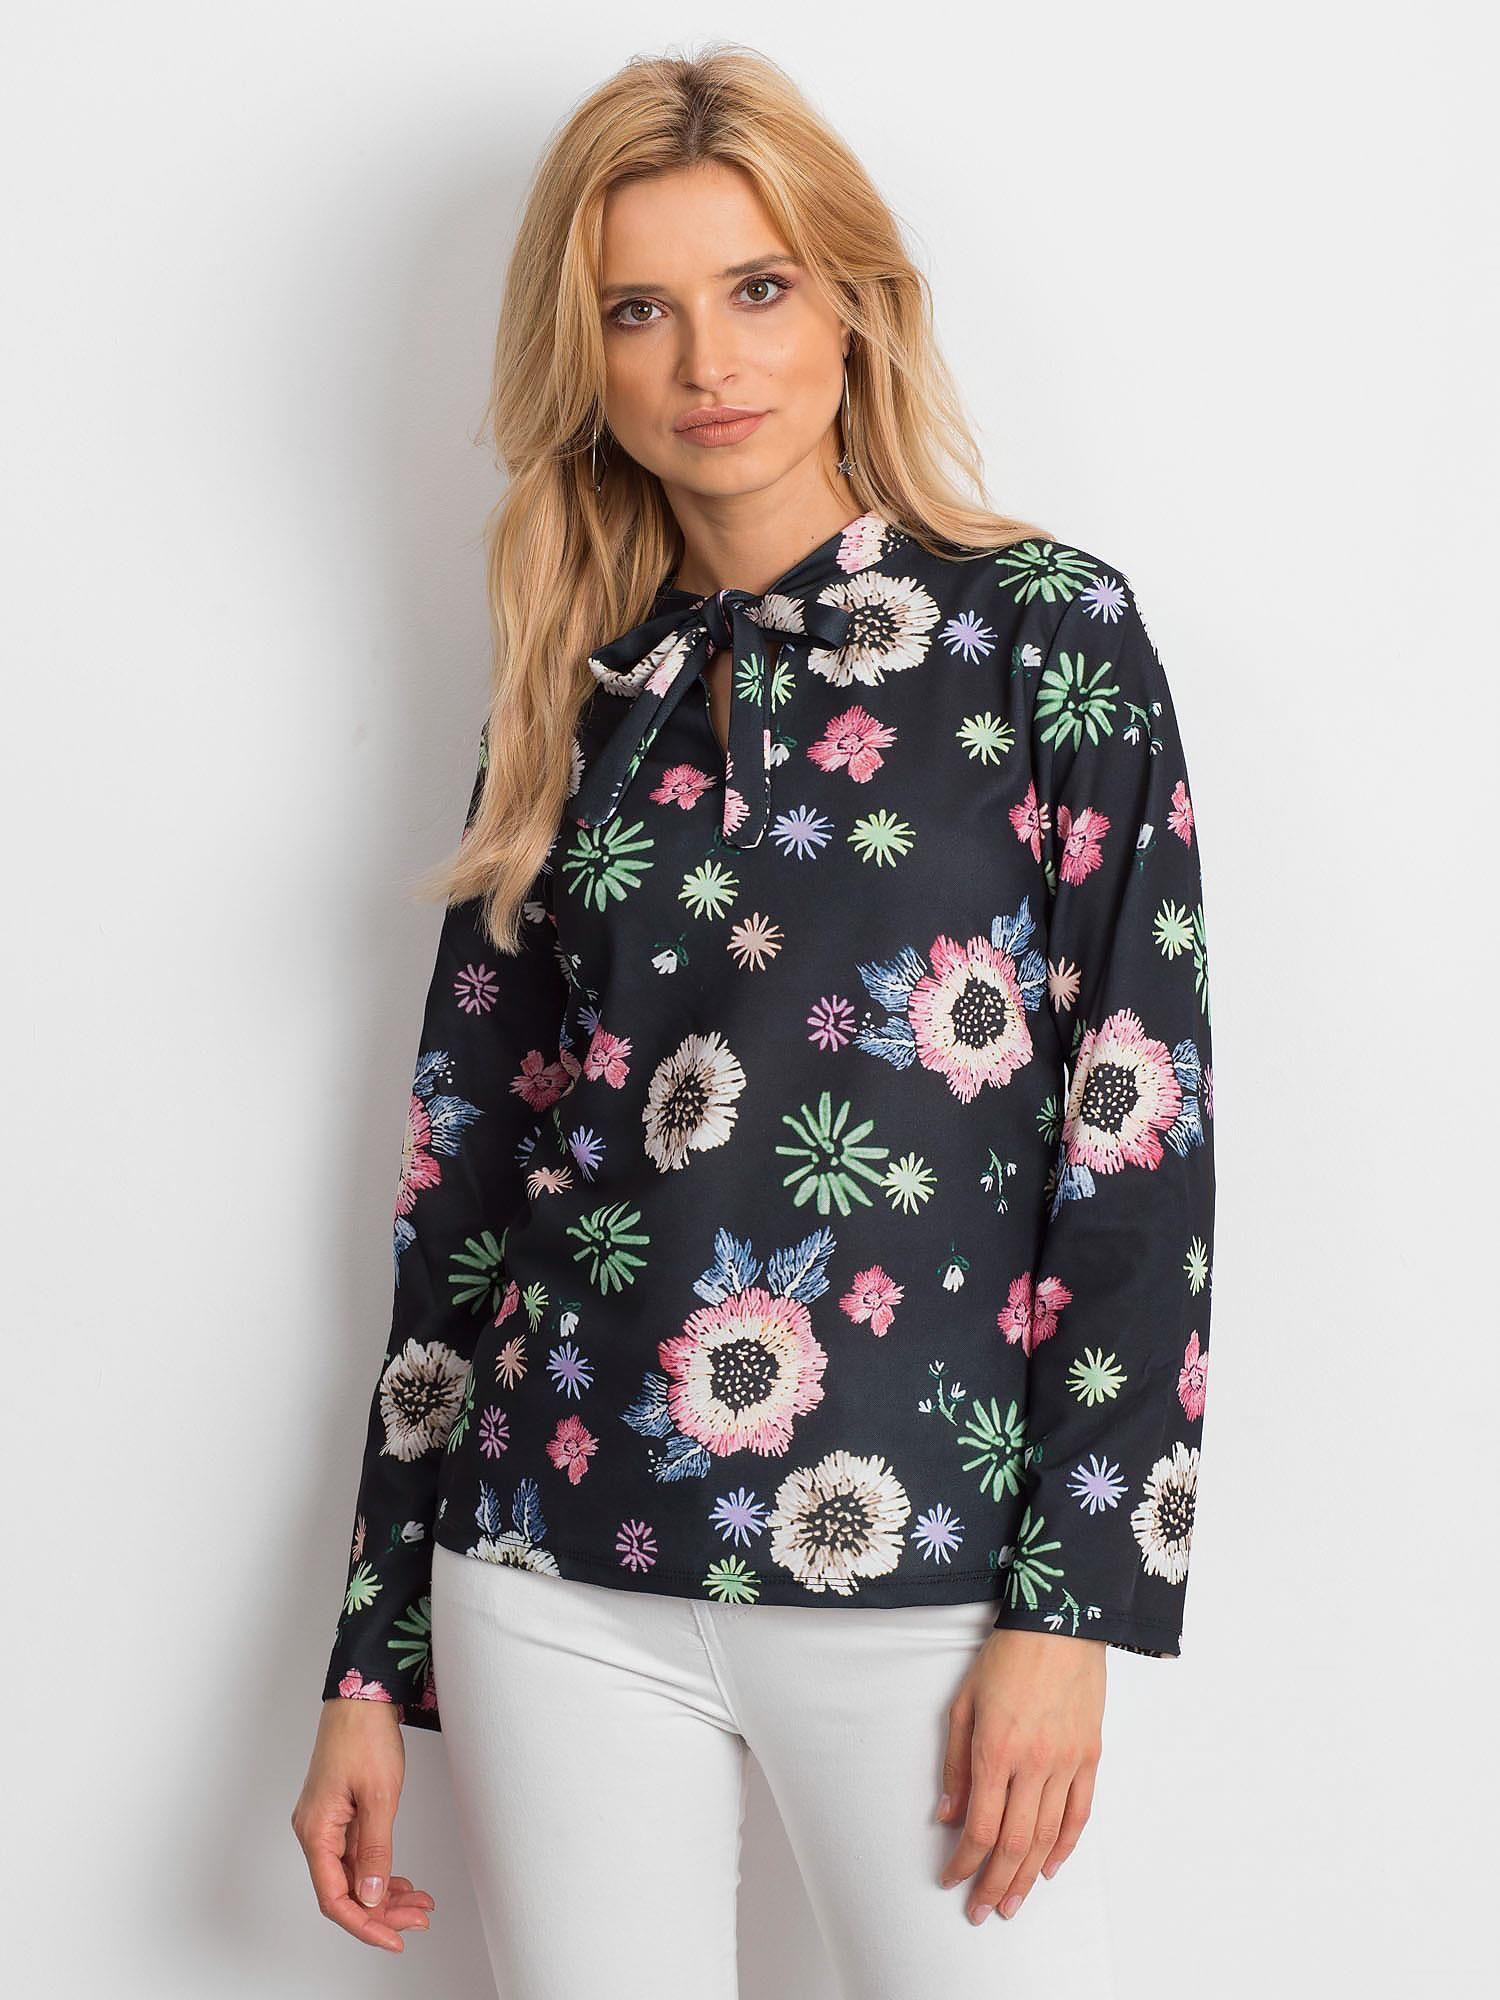 51b3d6e742 Czarna bluzka w kolorowe kwiaty z wiązaniem - Bluzka one size ...